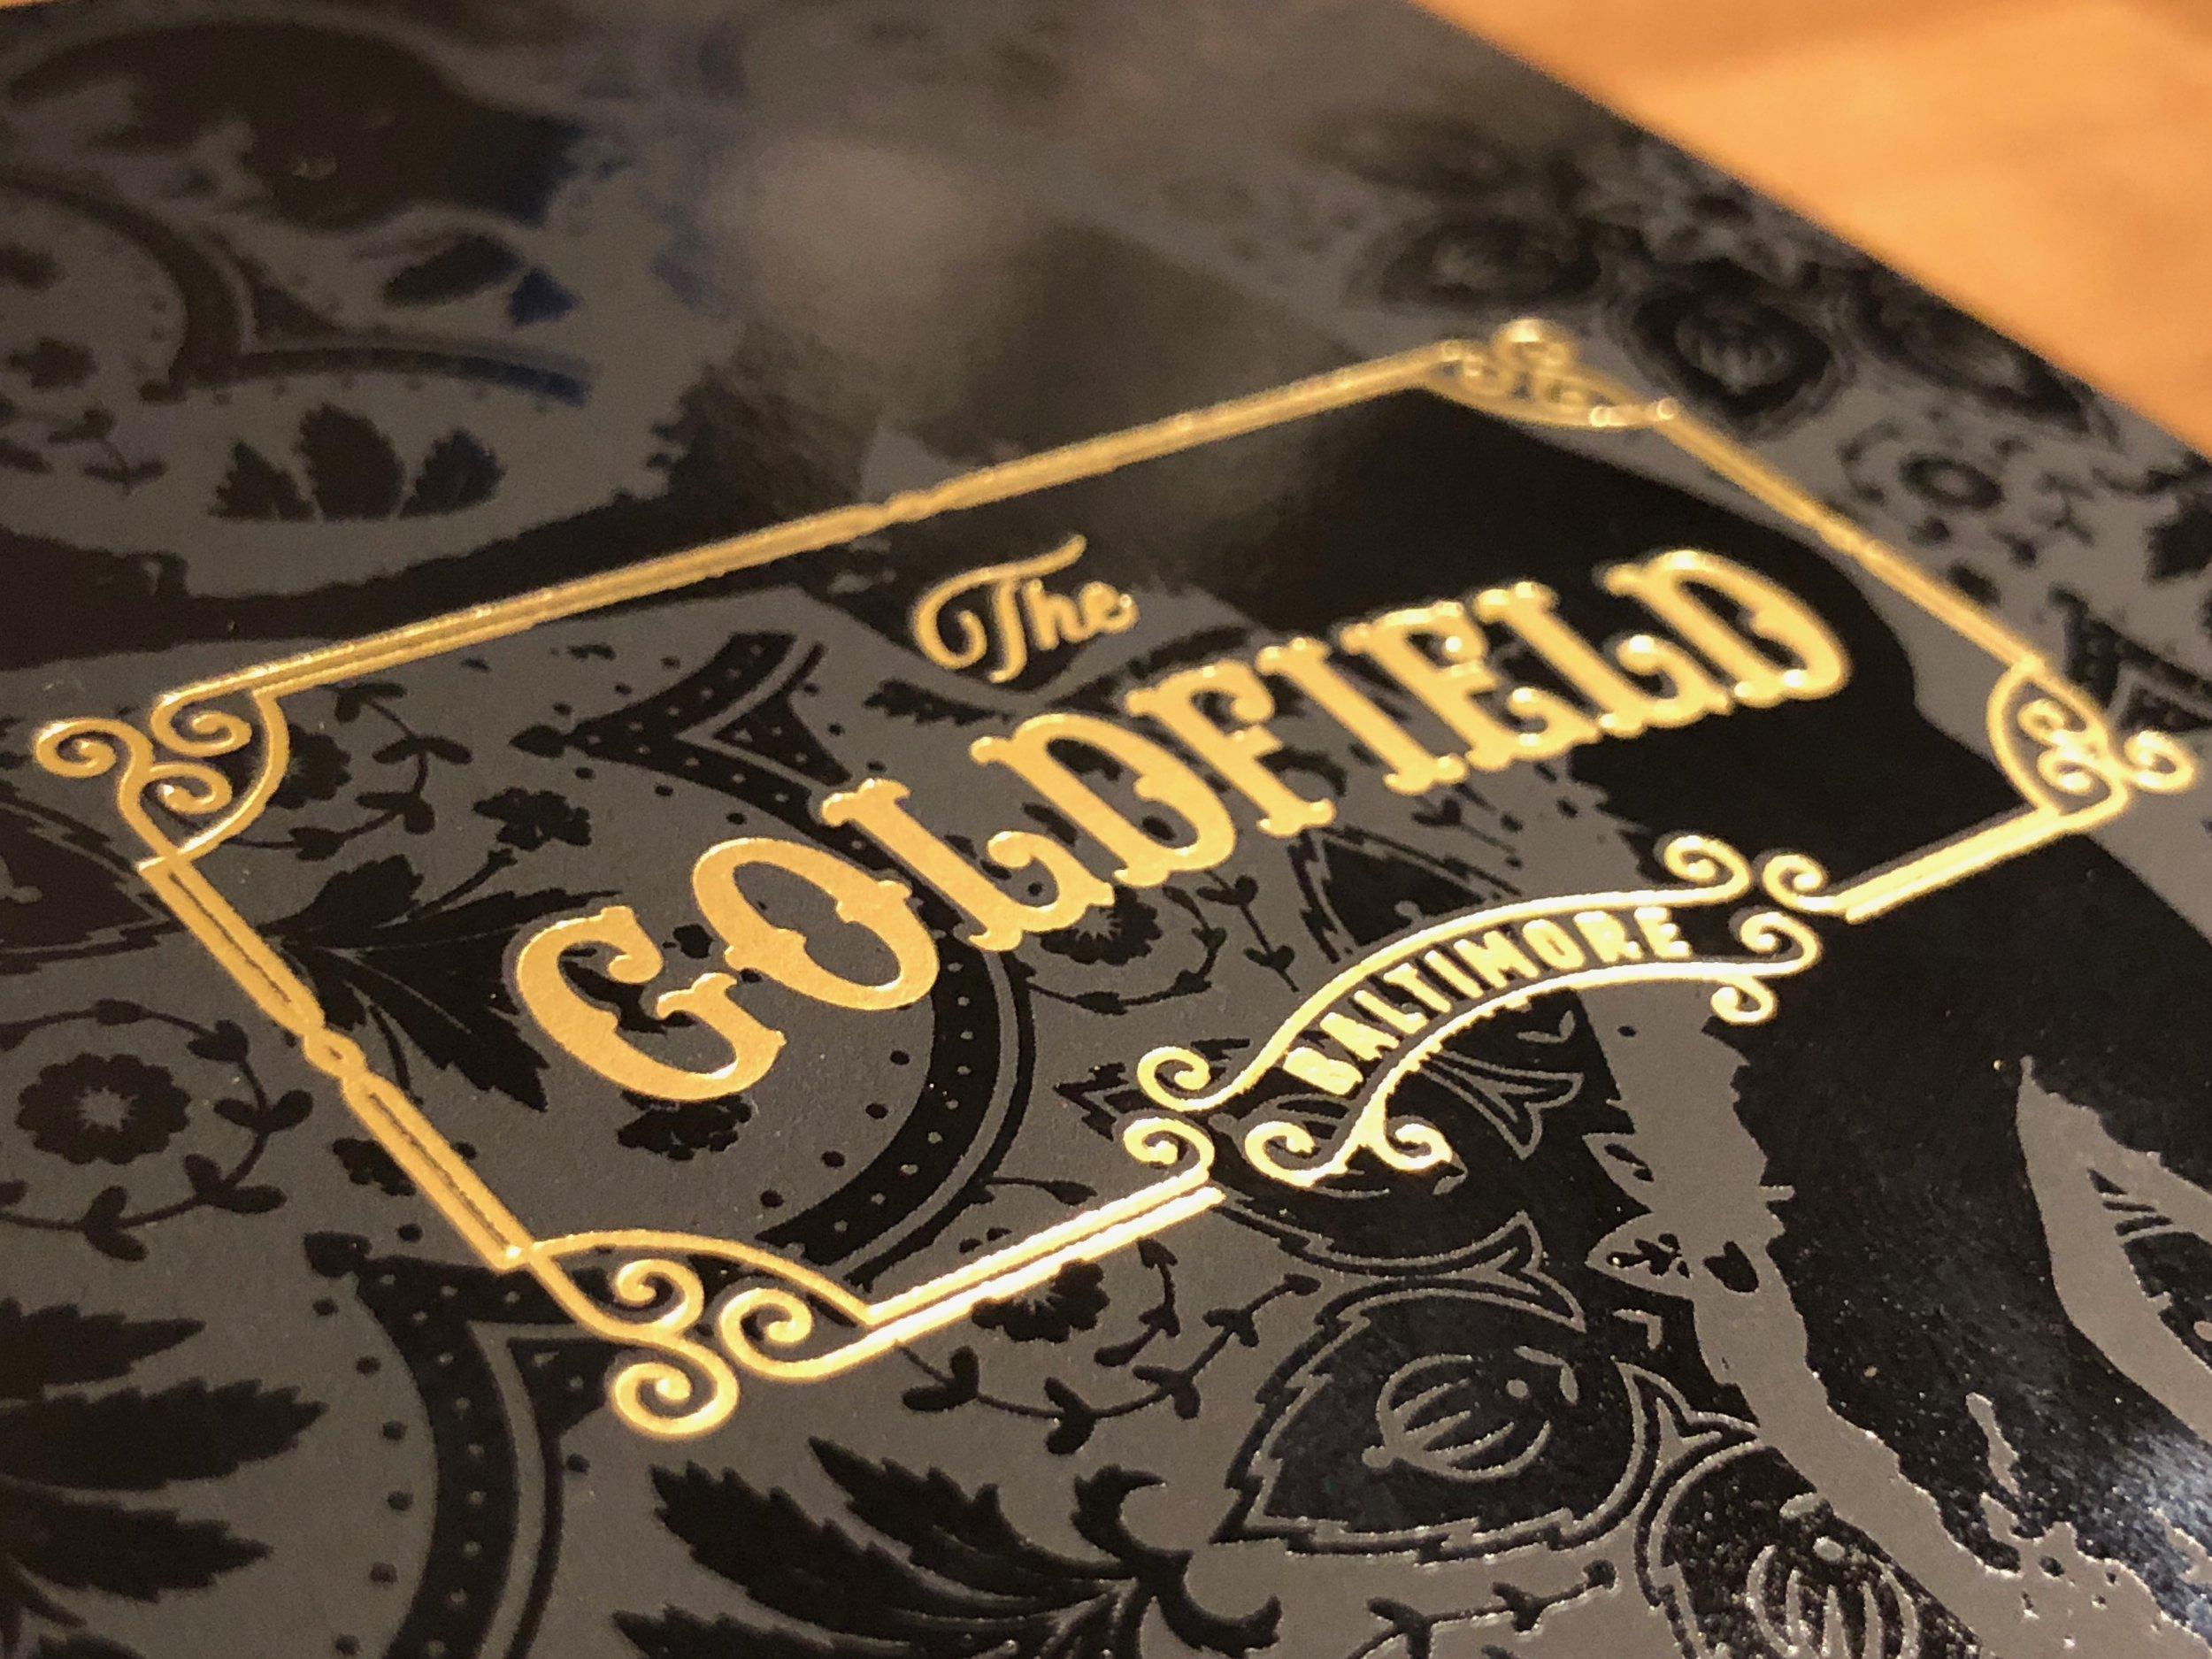 Write-notepads-goldfield-notebook-4.jpg